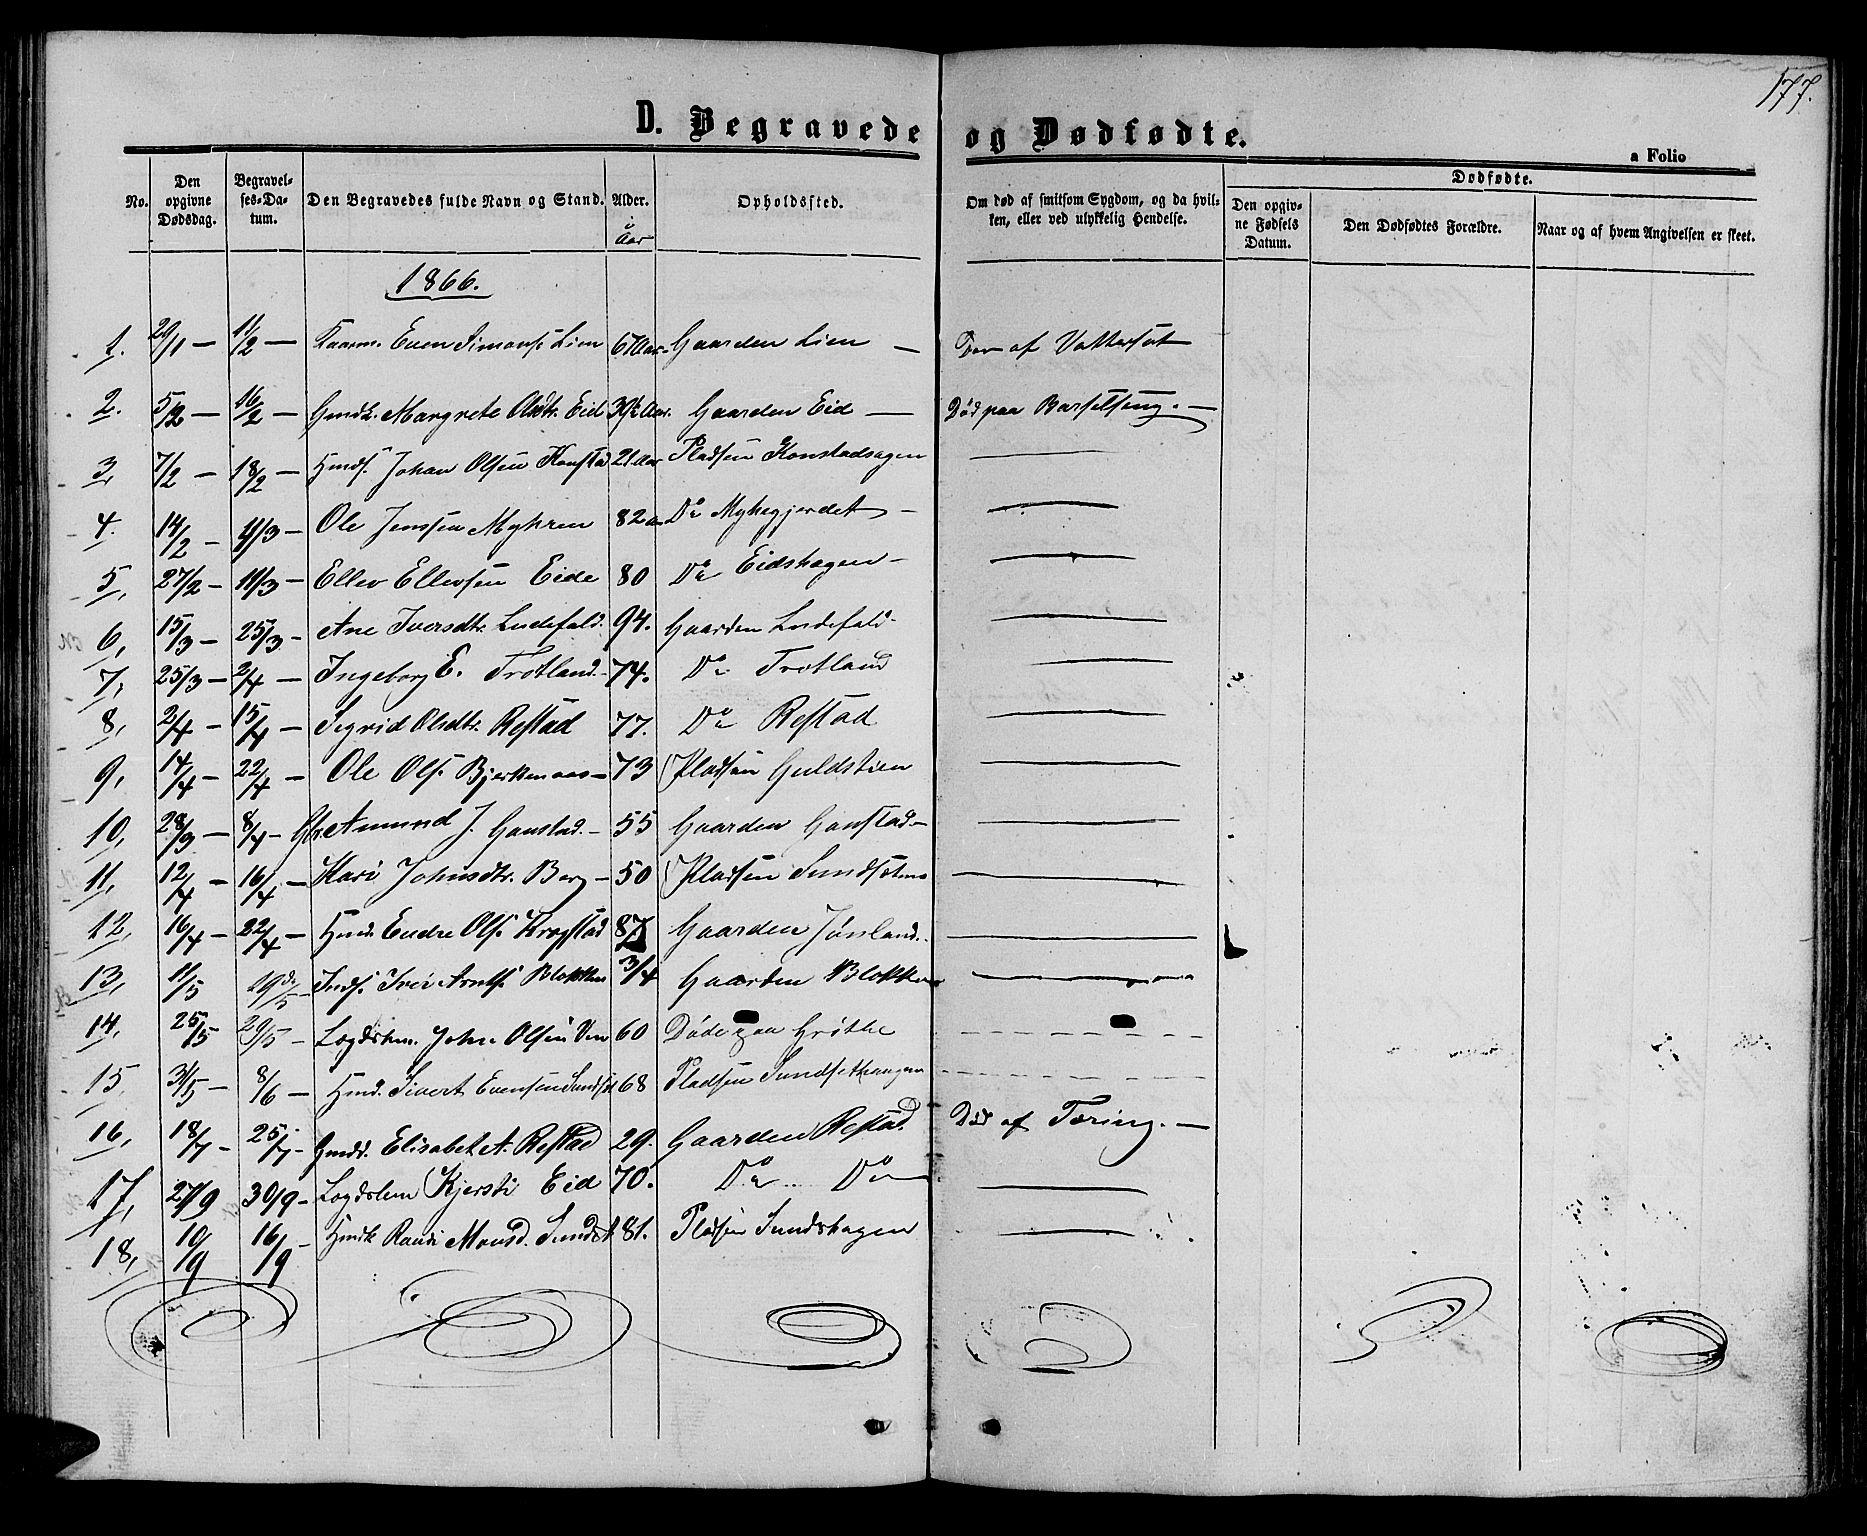 SAT, Ministerialprotokoller, klokkerbøker og fødselsregistre - Sør-Trøndelag, 694/L1131: Klokkerbok nr. 694C03, 1858-1886, s. 177